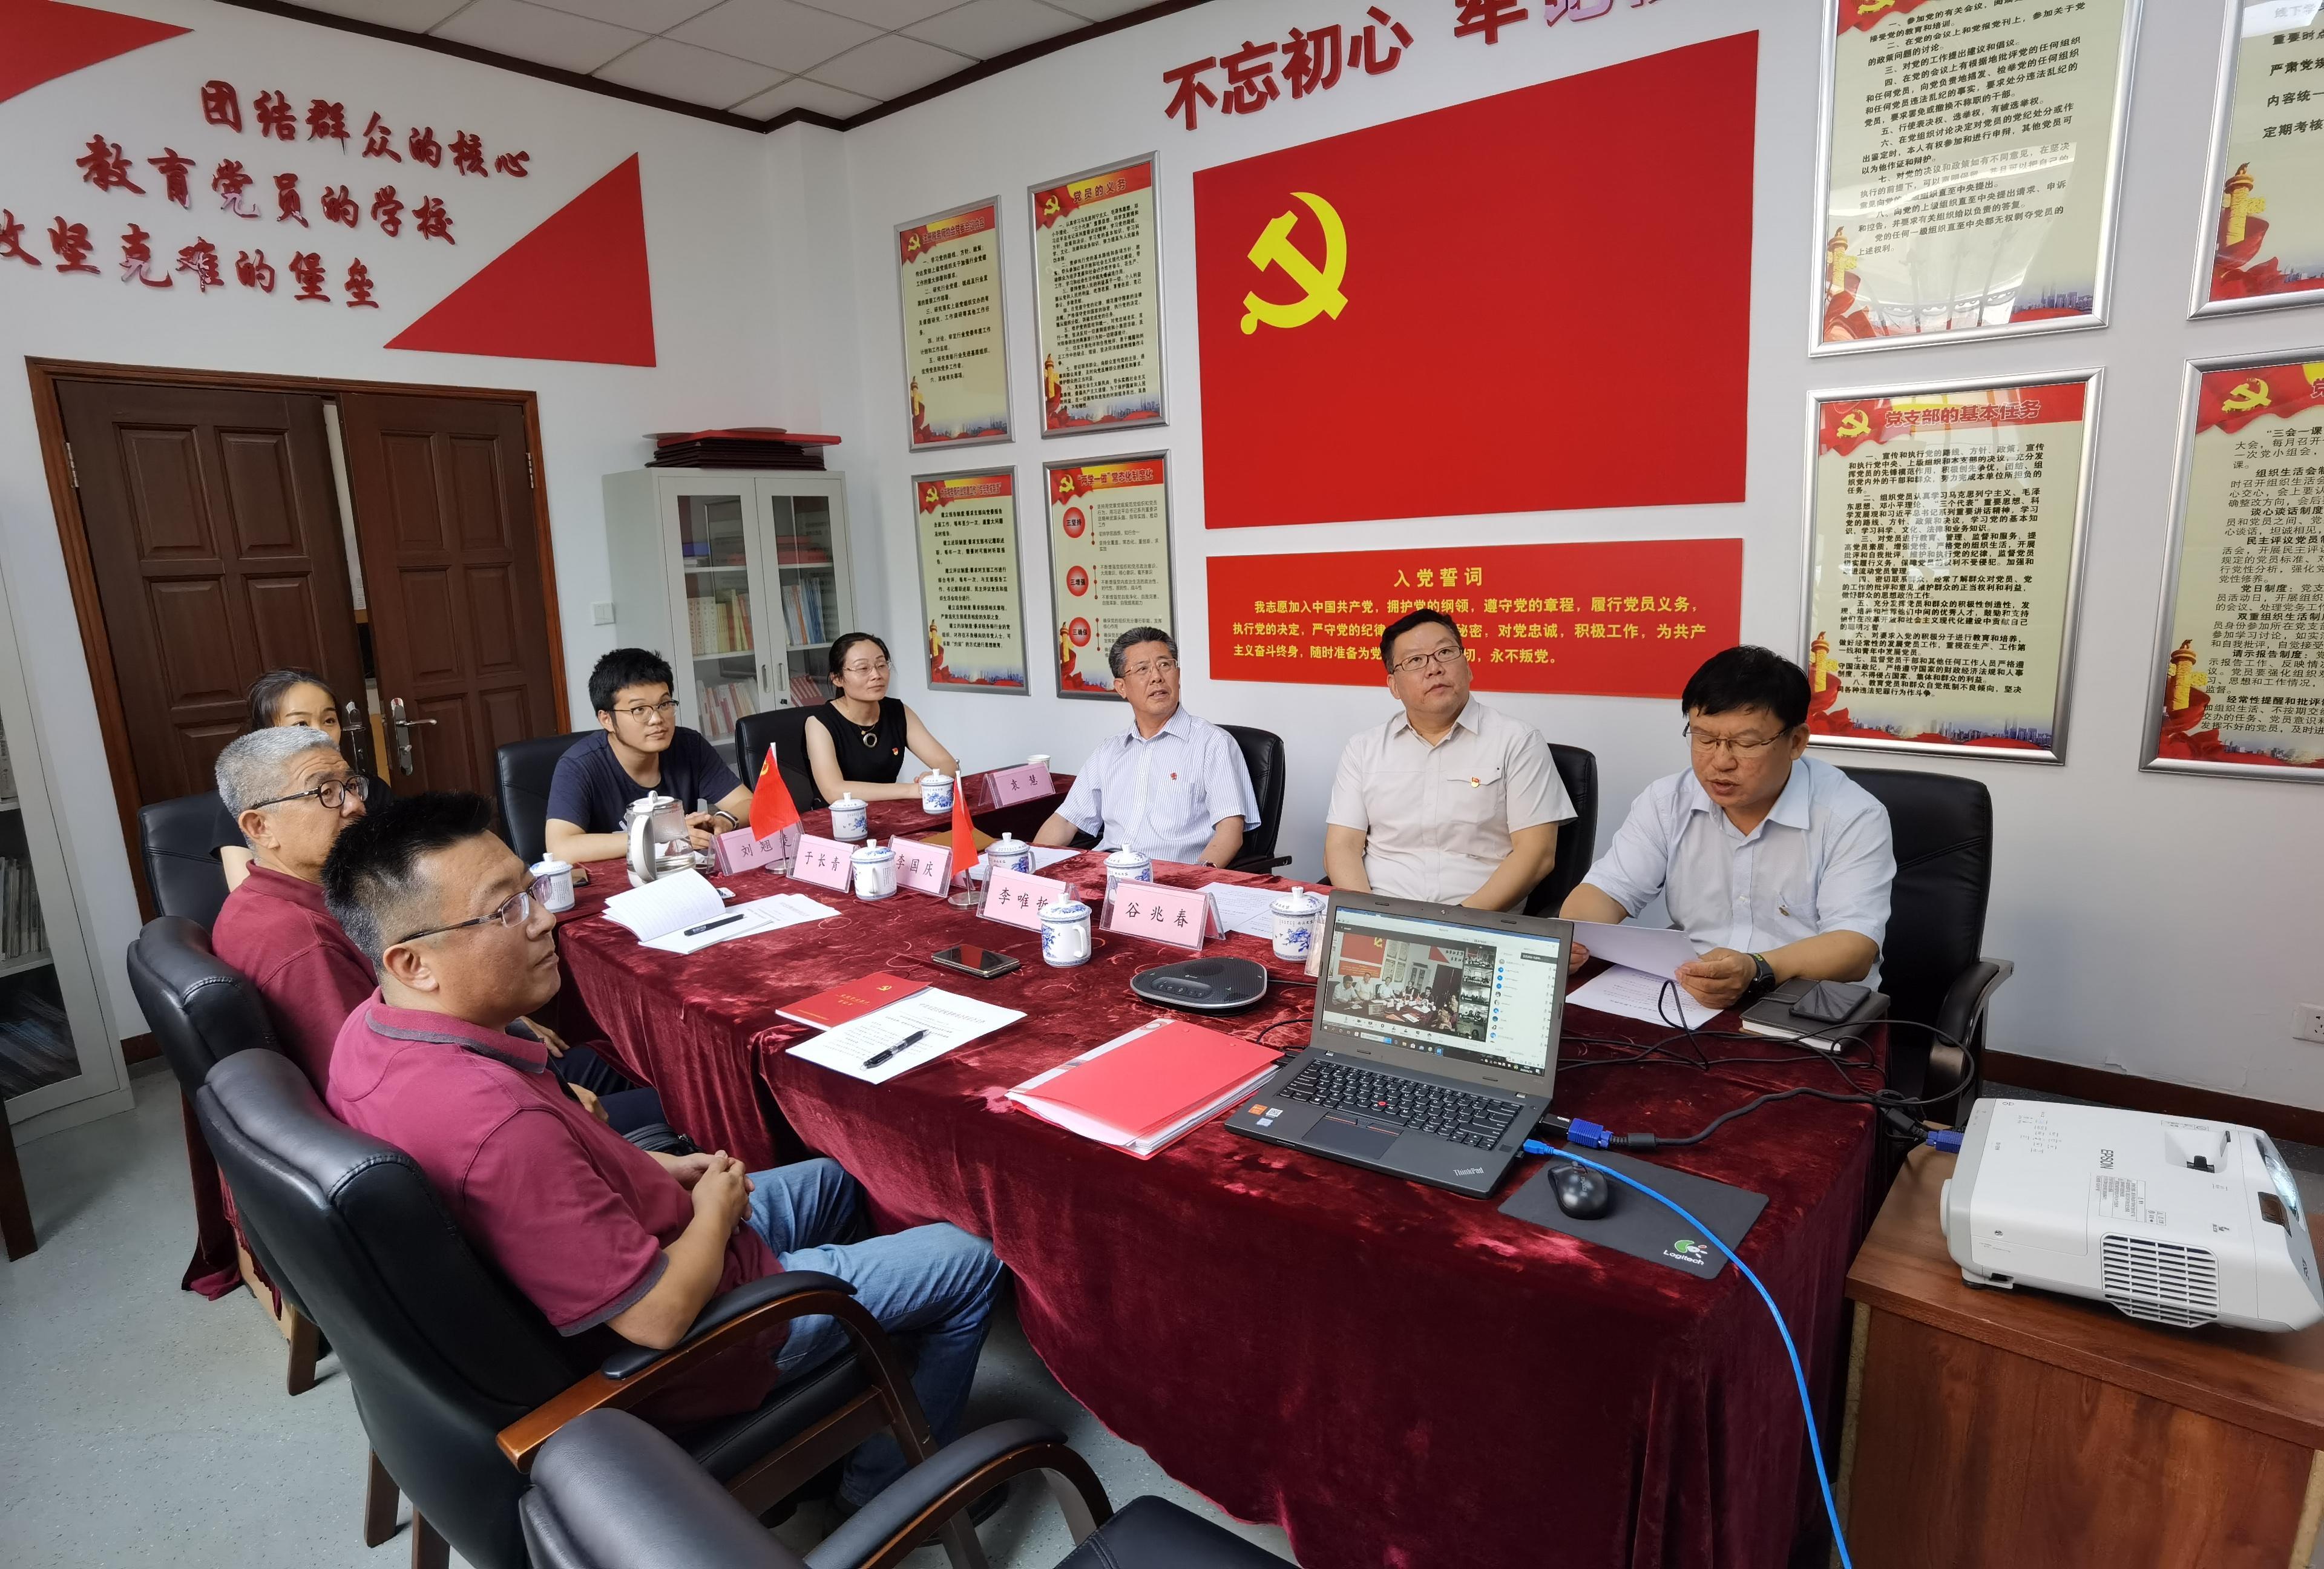 大连税协党委举办庆祝建党99周年主题党日活动